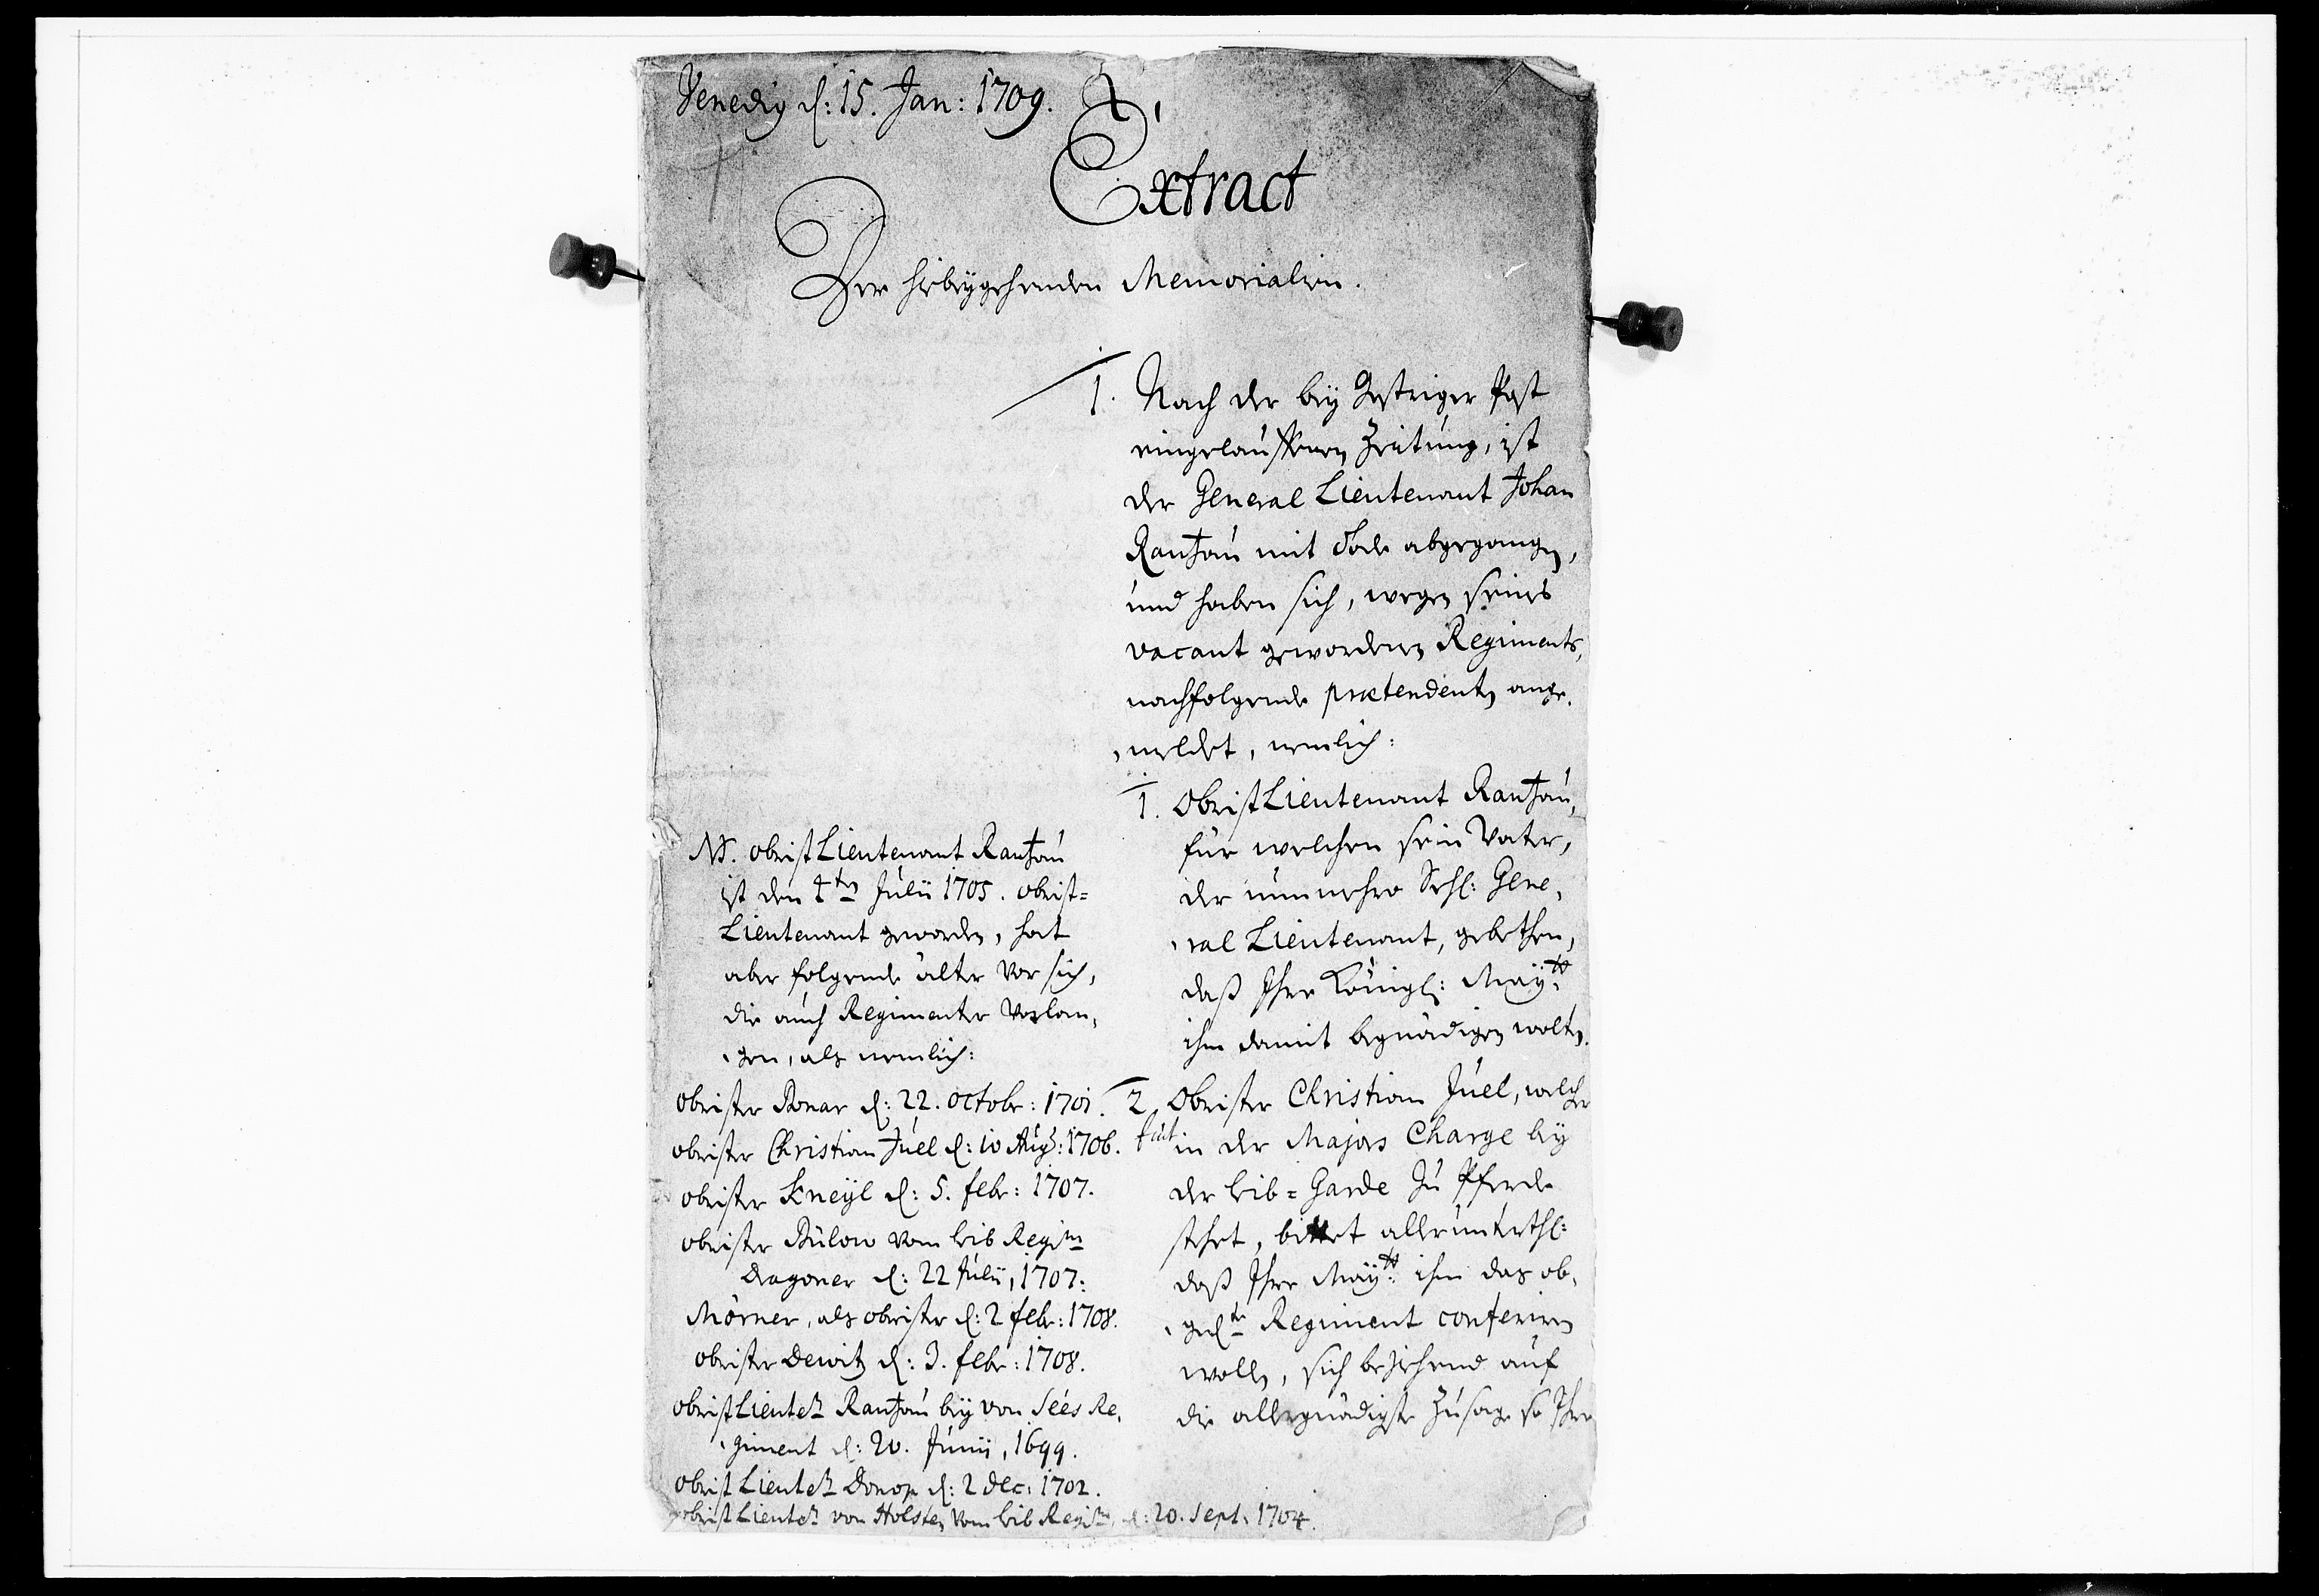 DRA, Krigskollegiet, Krigskancelliet, -/0966-0969: Refererede sager, 1709, s. 2